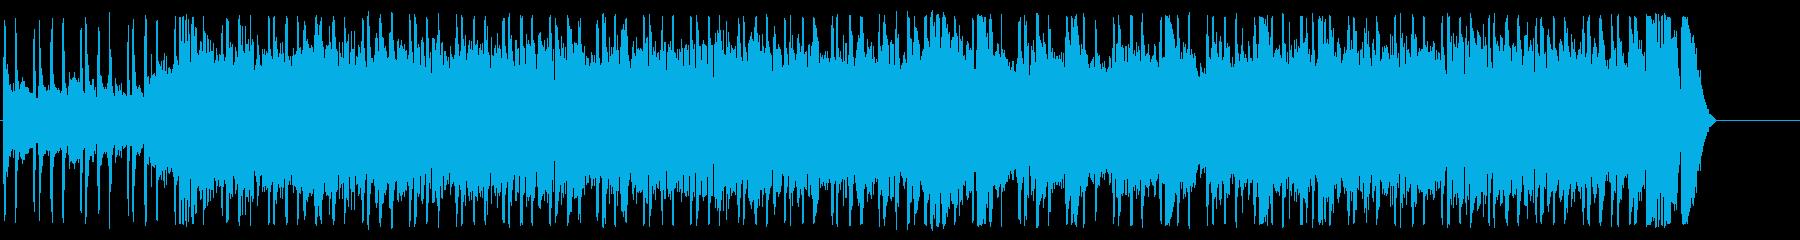 情報 スポーツ スピード 前進 追跡の再生済みの波形